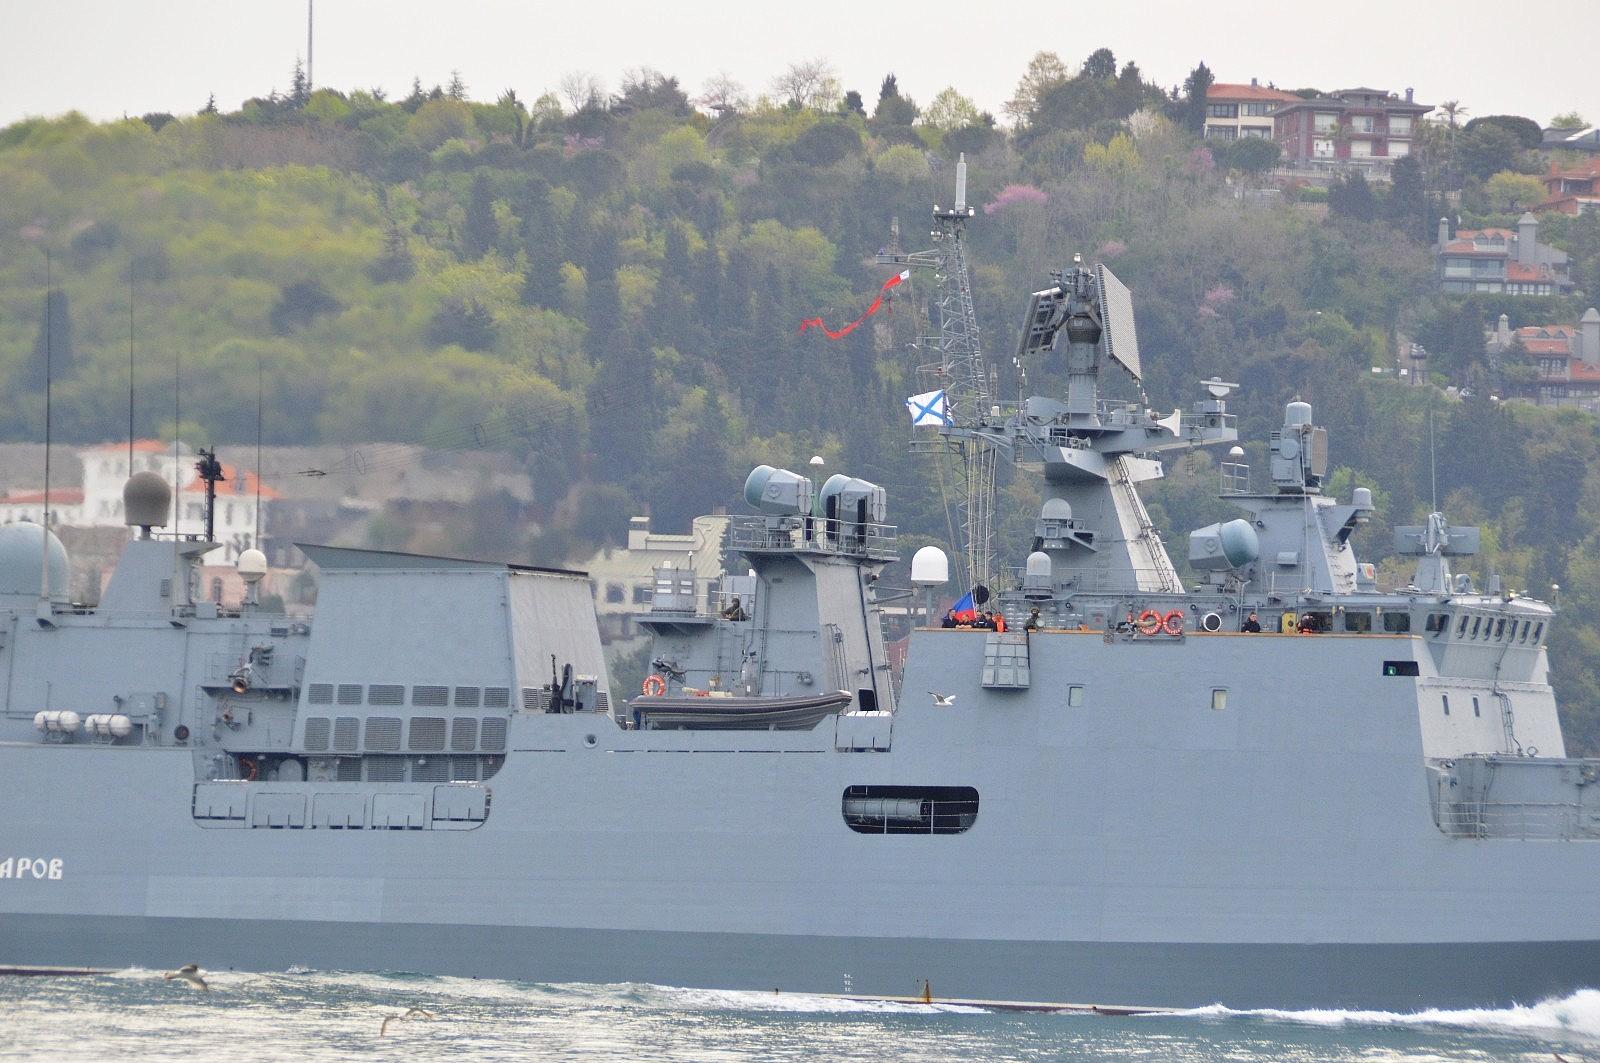 2021/05/rus-donanmasina-ait-rfs-499-borda-numarali-admiral-makarov-gemisi-bogazdan-gecti-20210502AW31-4.jpg